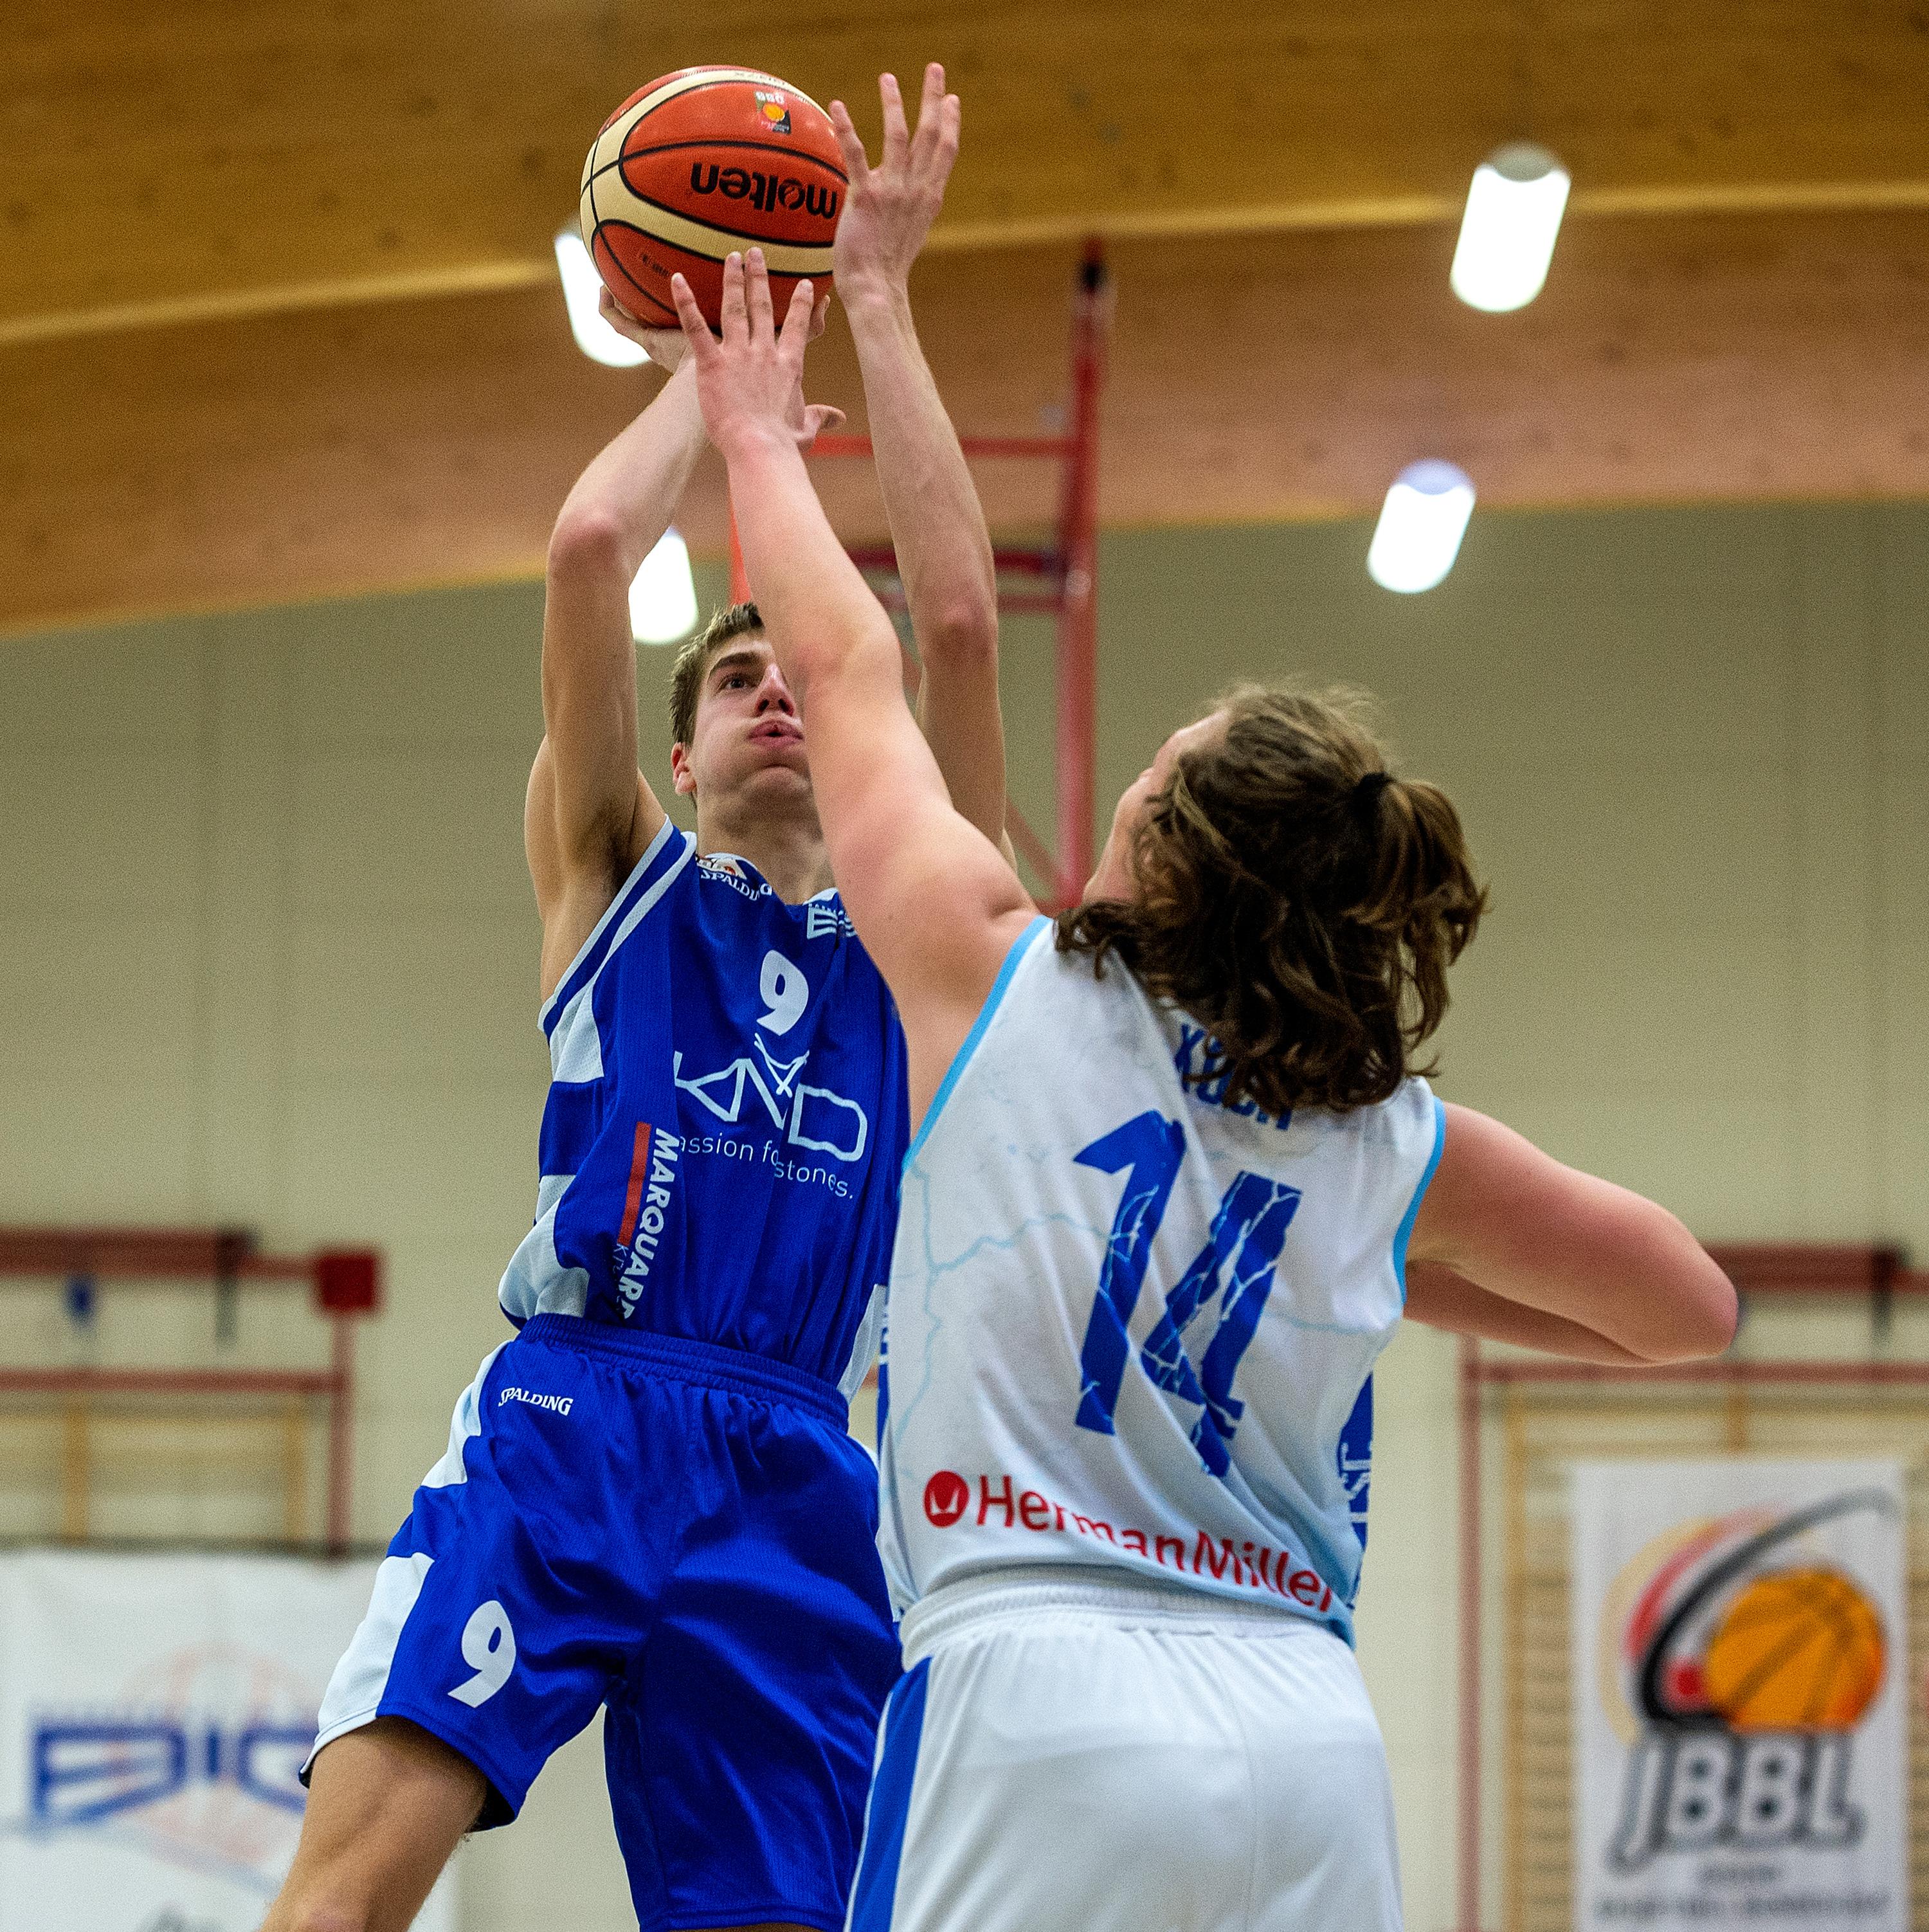 JBBL_19-20_Gotha_vs_Friedenau_Spieltag_15_06